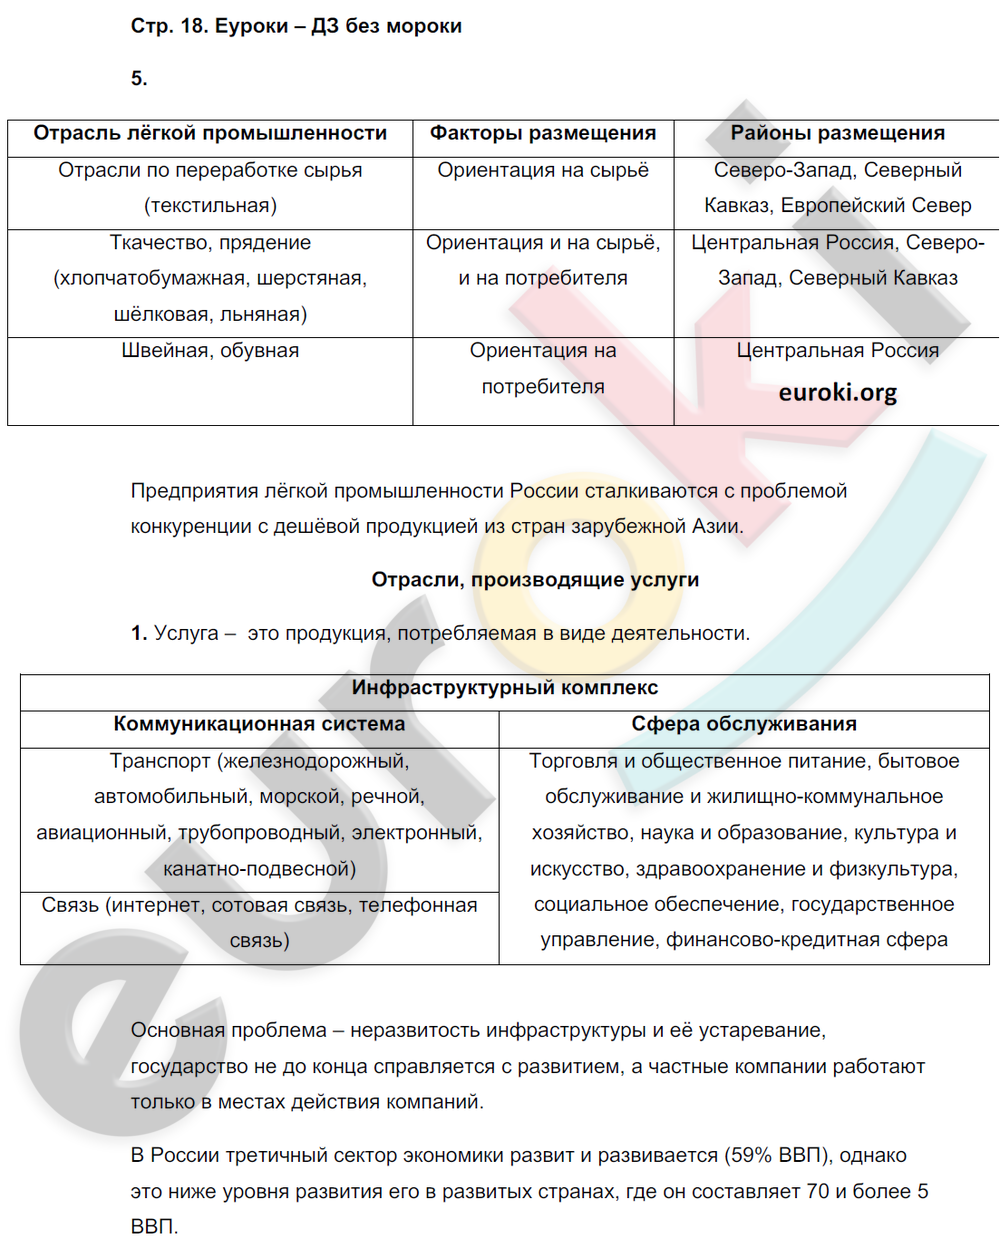 ГДЗ по географии 9 класс рабочая тетрадь Баринова, Суслов. Задание: стр. 18